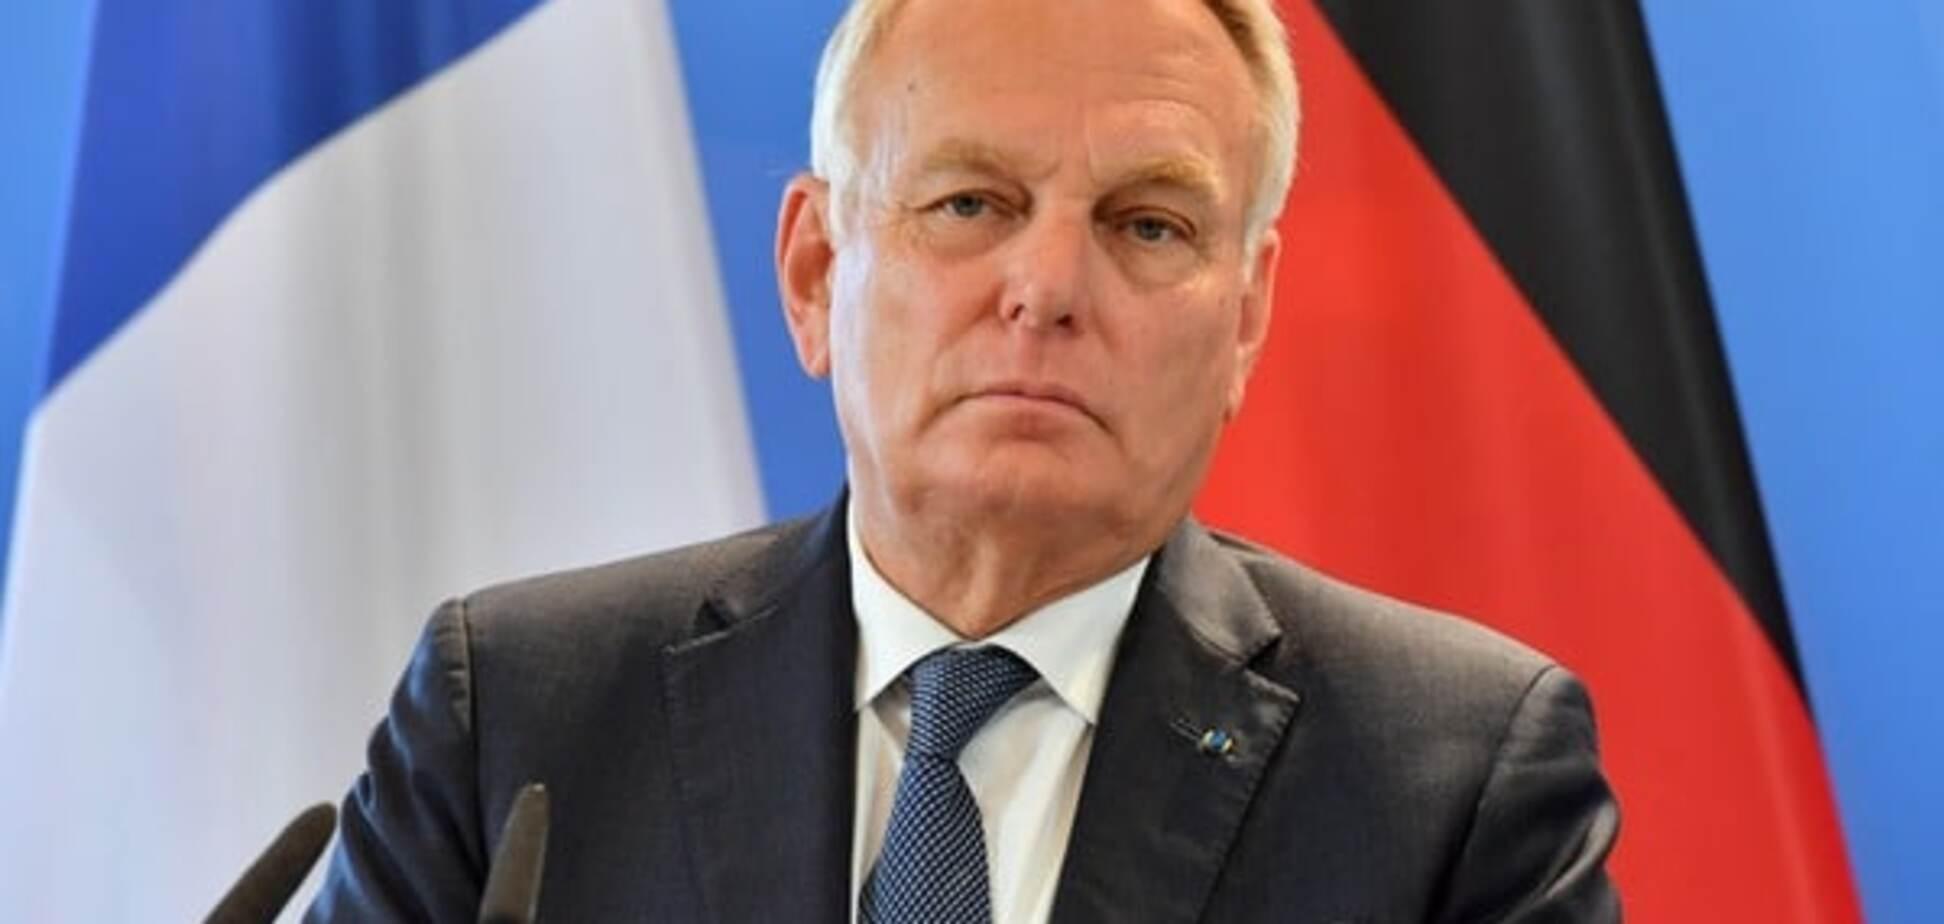 Франция призвала Украину принять закон о выборах и особом статусе Донбасса